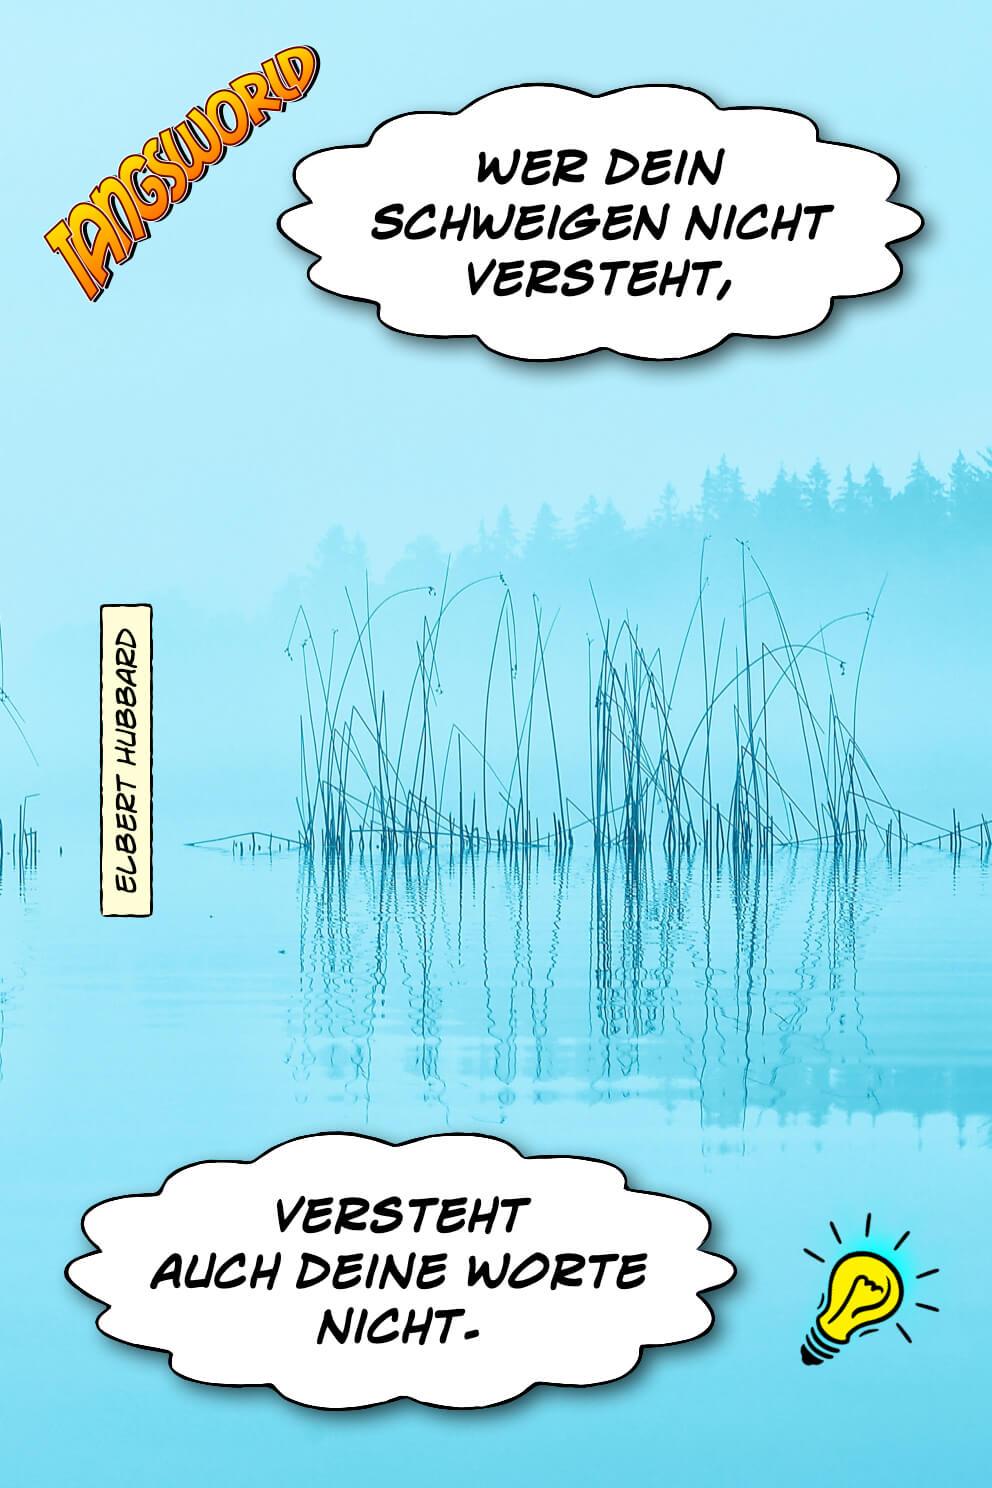 Wer dein Schweigen nicht versteht, versteht auch deine Worte nicht. - Geistesblitze | Elbert Hubbard